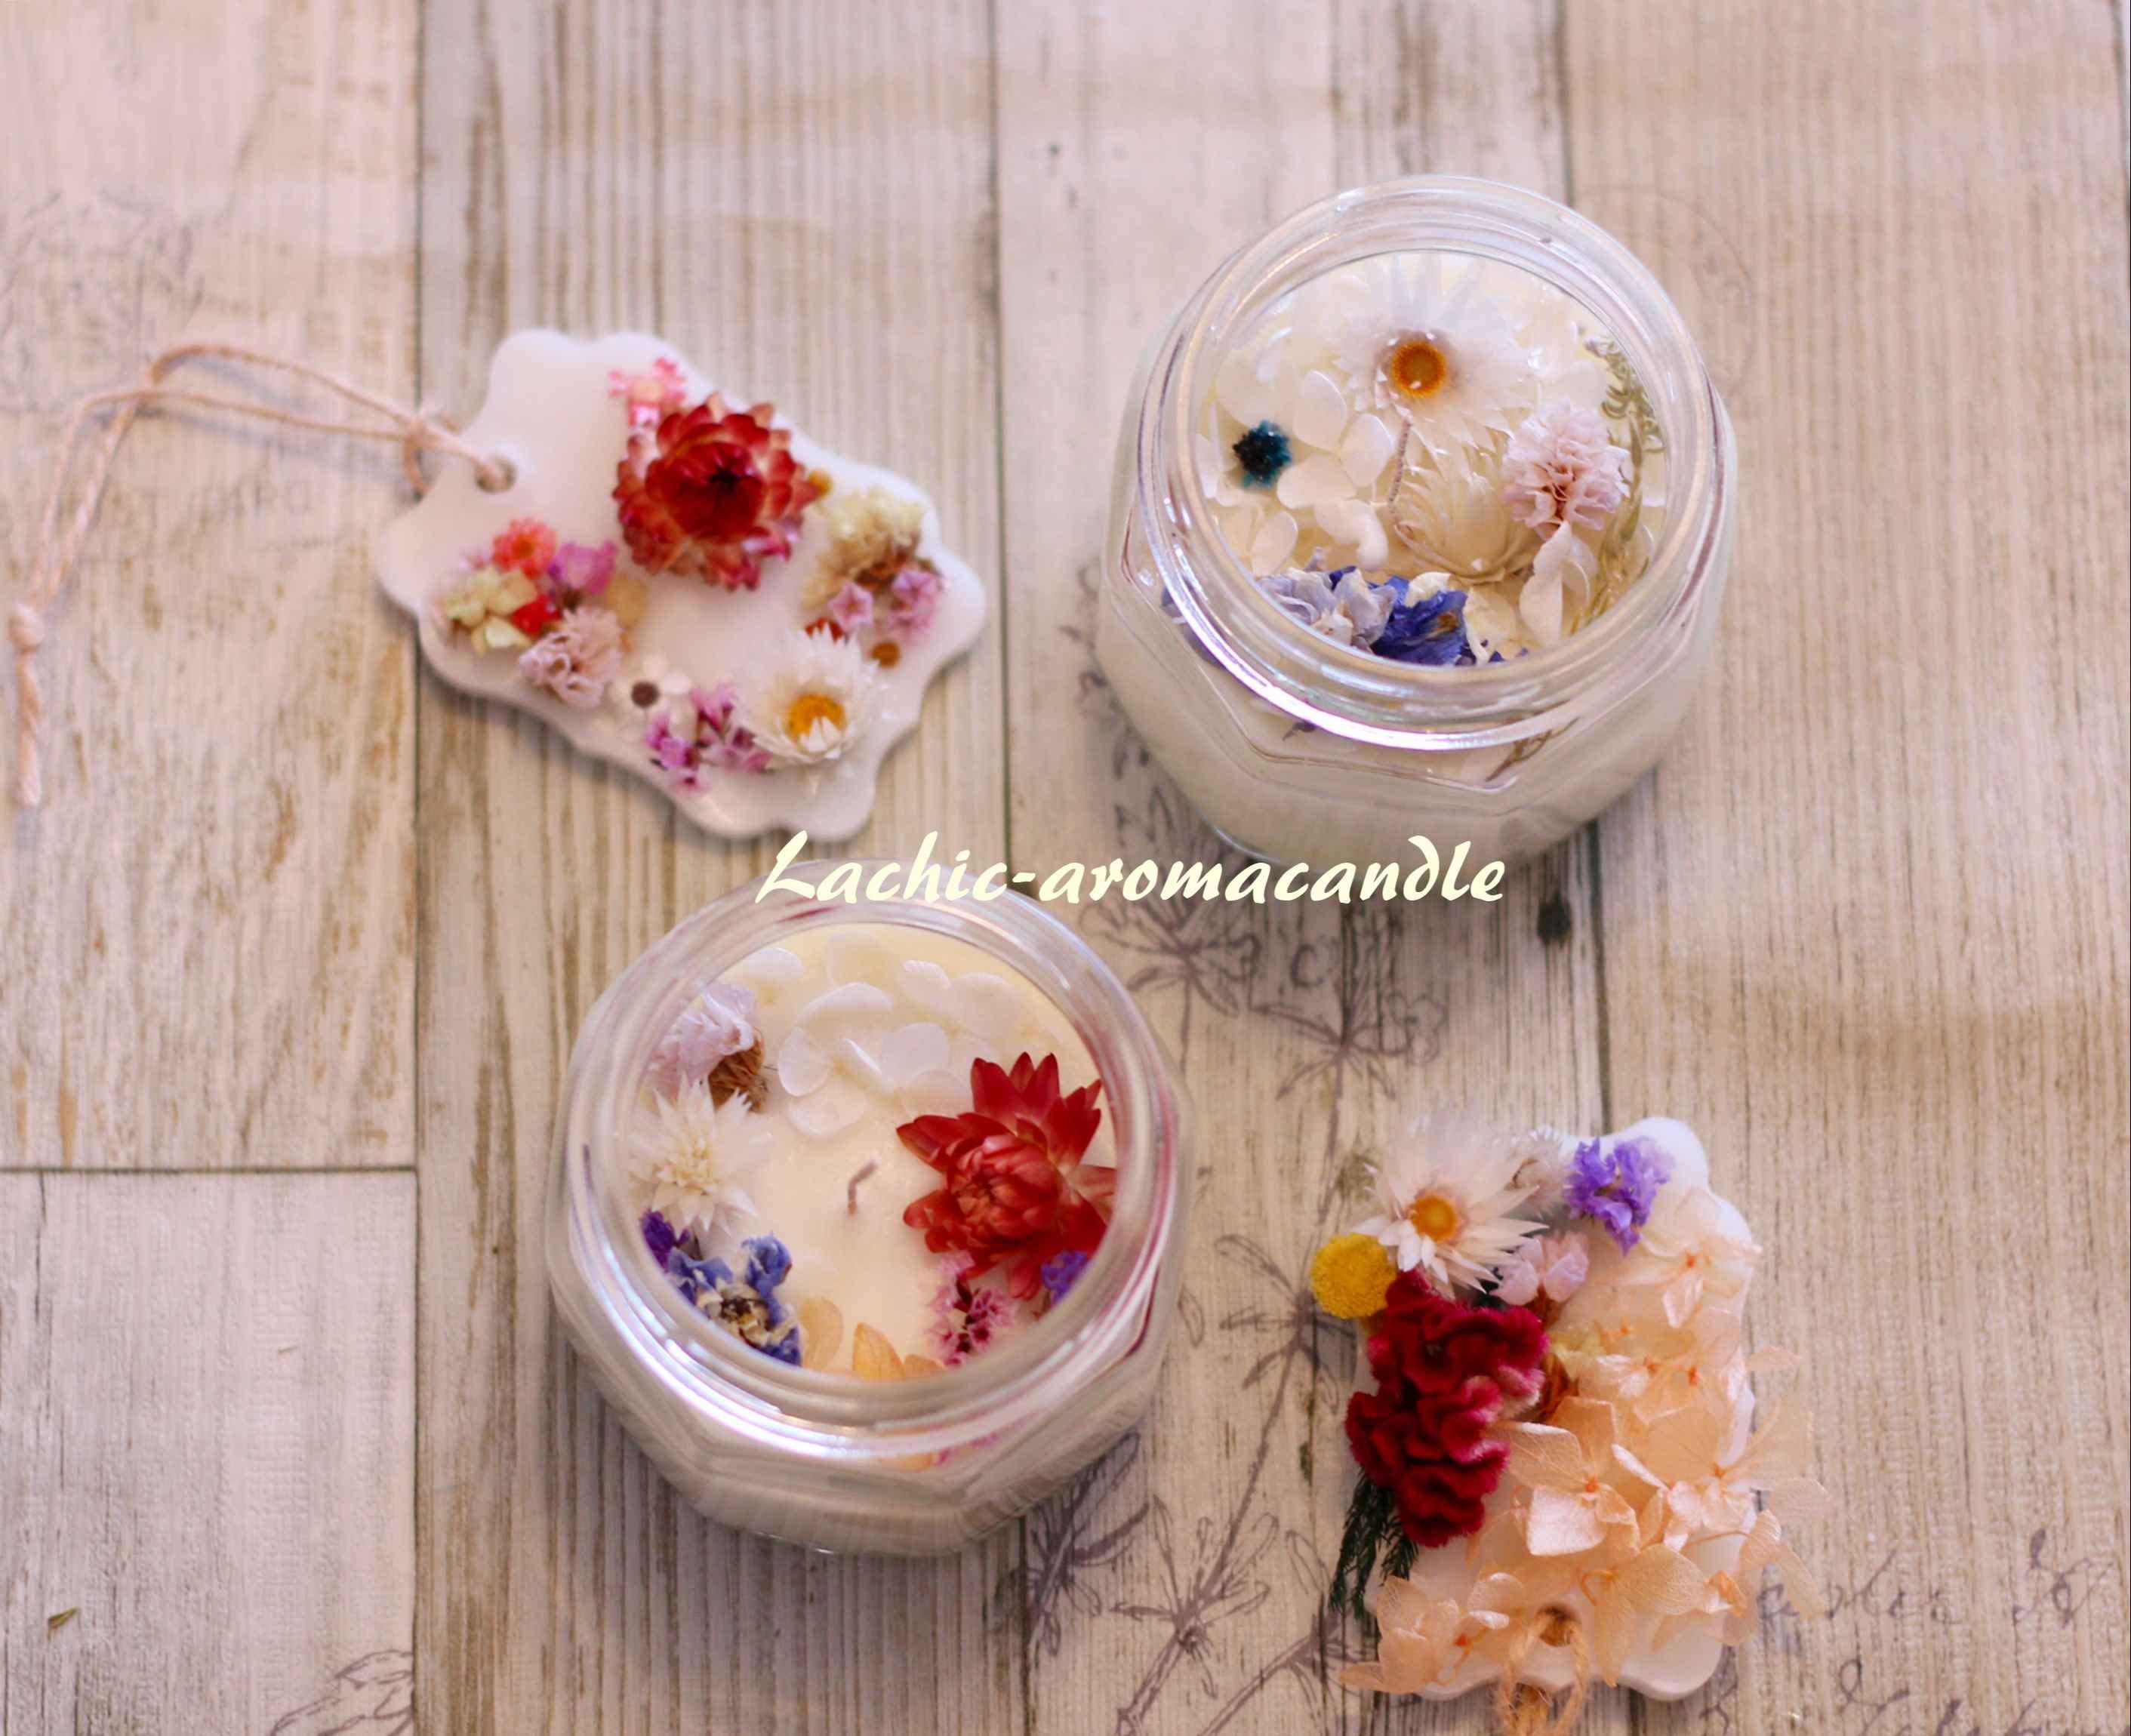 花とアロマの教室Lachicラ・シ・ク